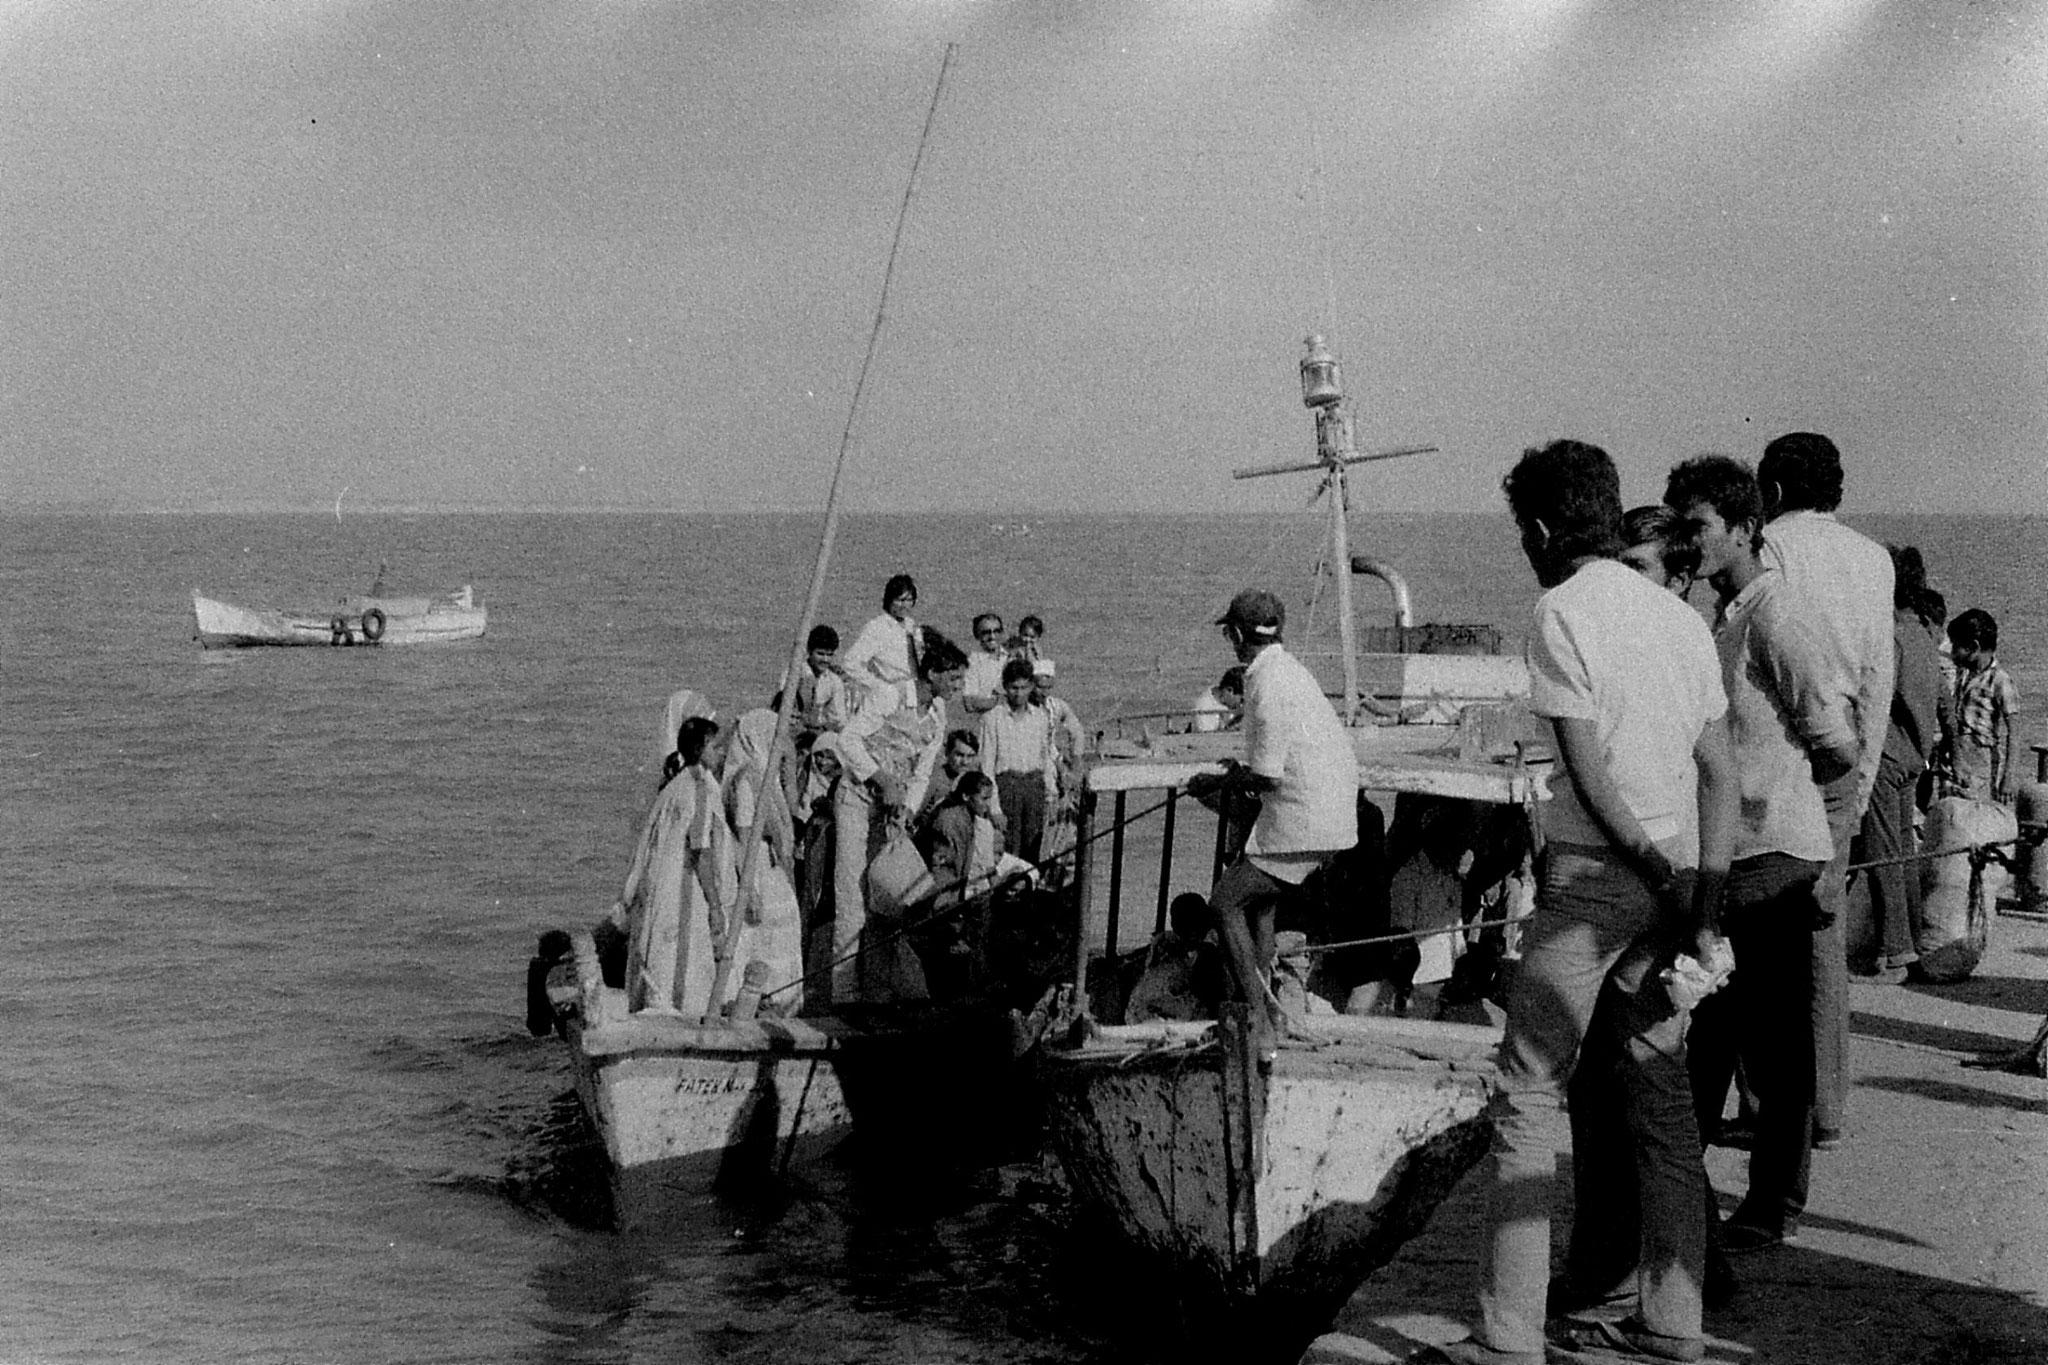 16/12/89: 14: Diu:  ferry Goghla to Diu